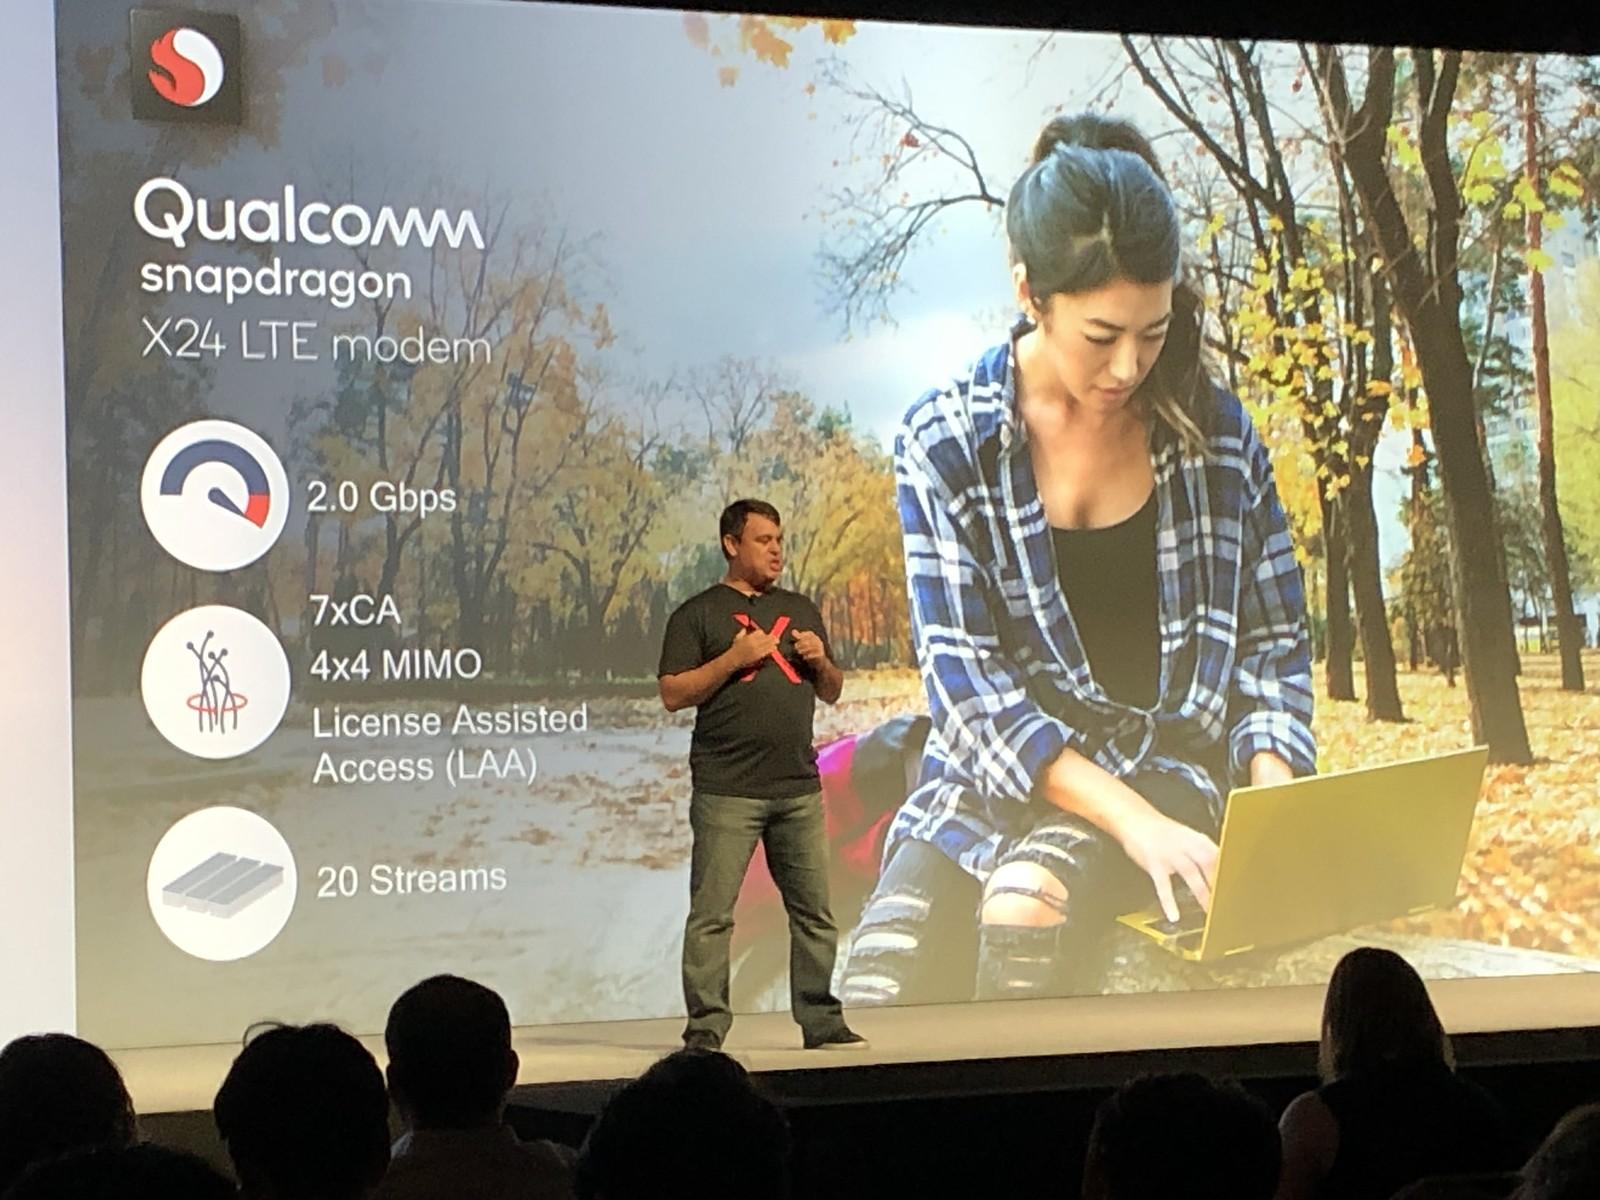 Qualcomm announces new Snapdragon 8cx Compute Platform for